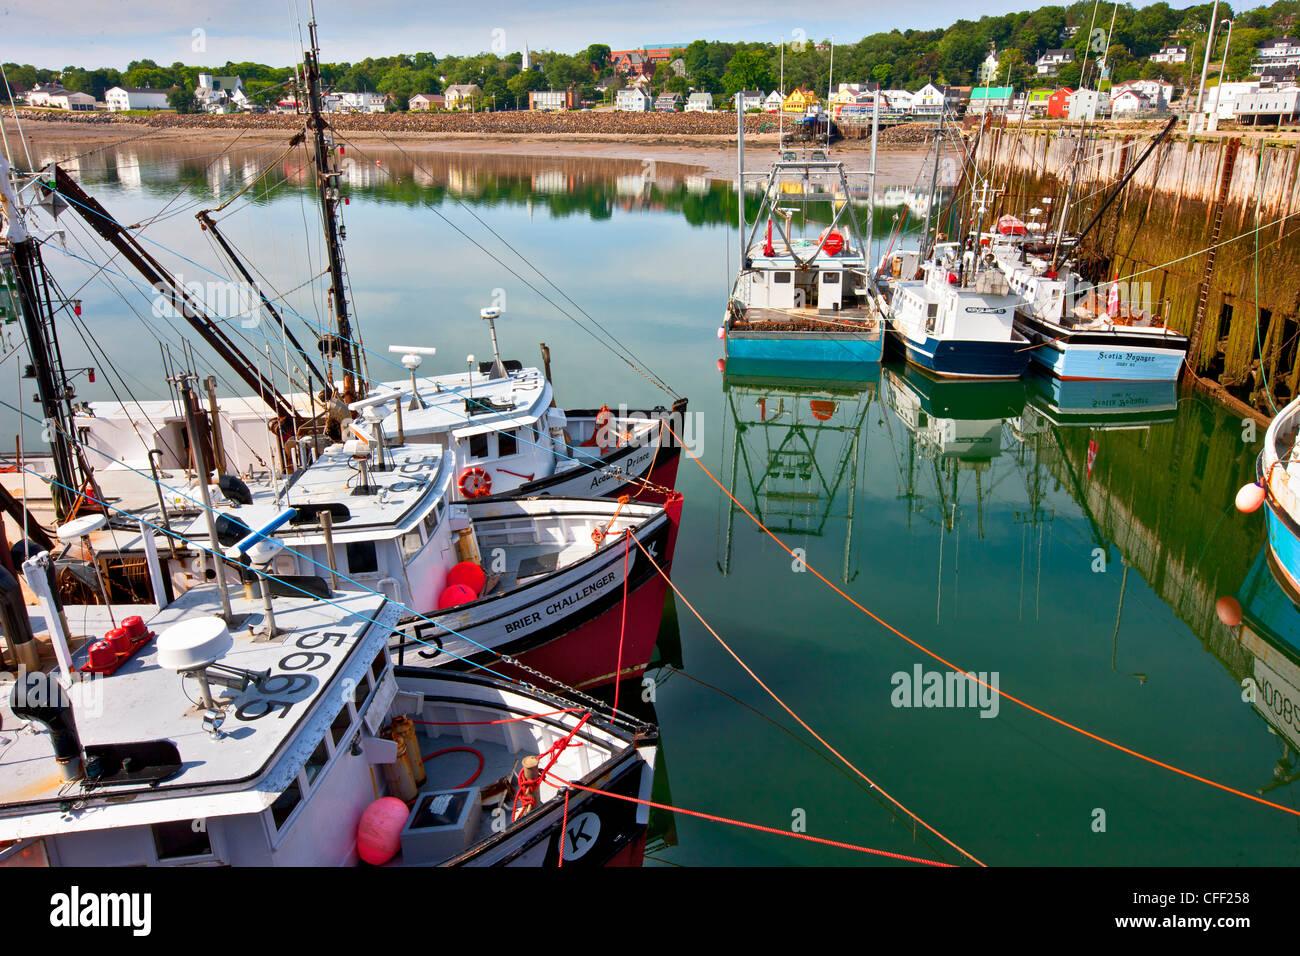 Fishing boats tied up at wharf, Digby, Nova Scotia, Canada - Stock Image